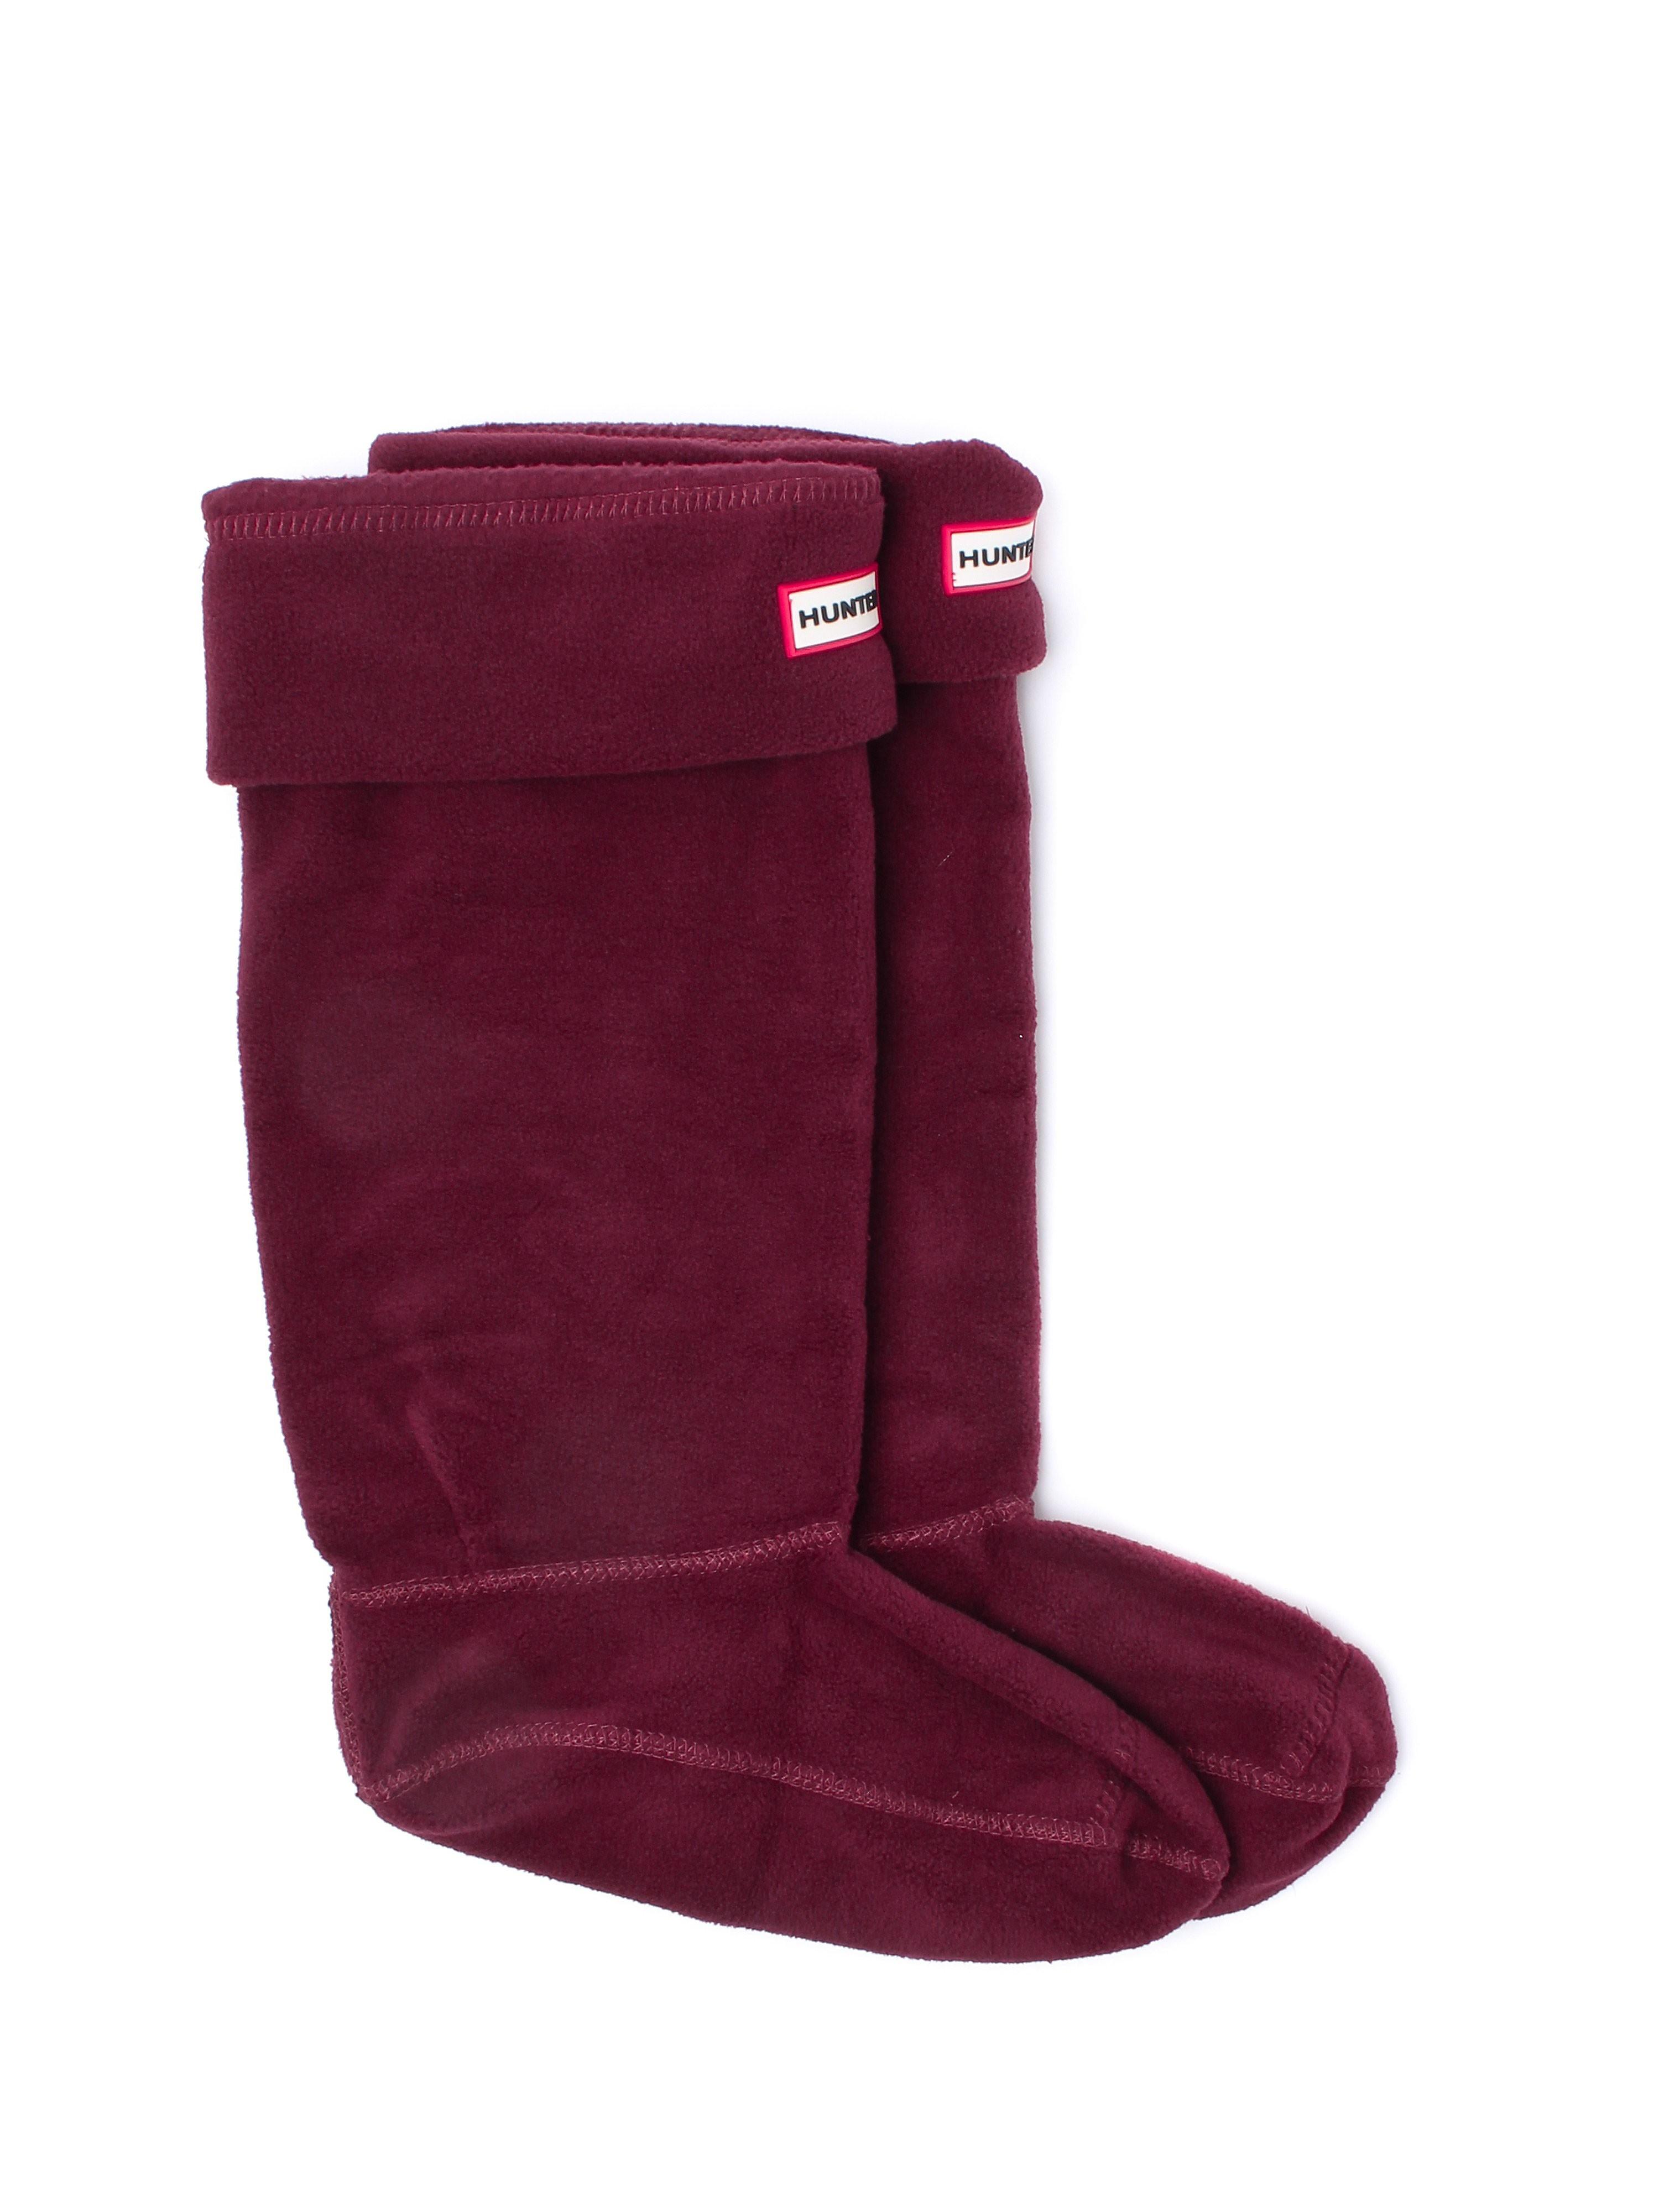 Hunter Wellies Welly Socks - Dulse